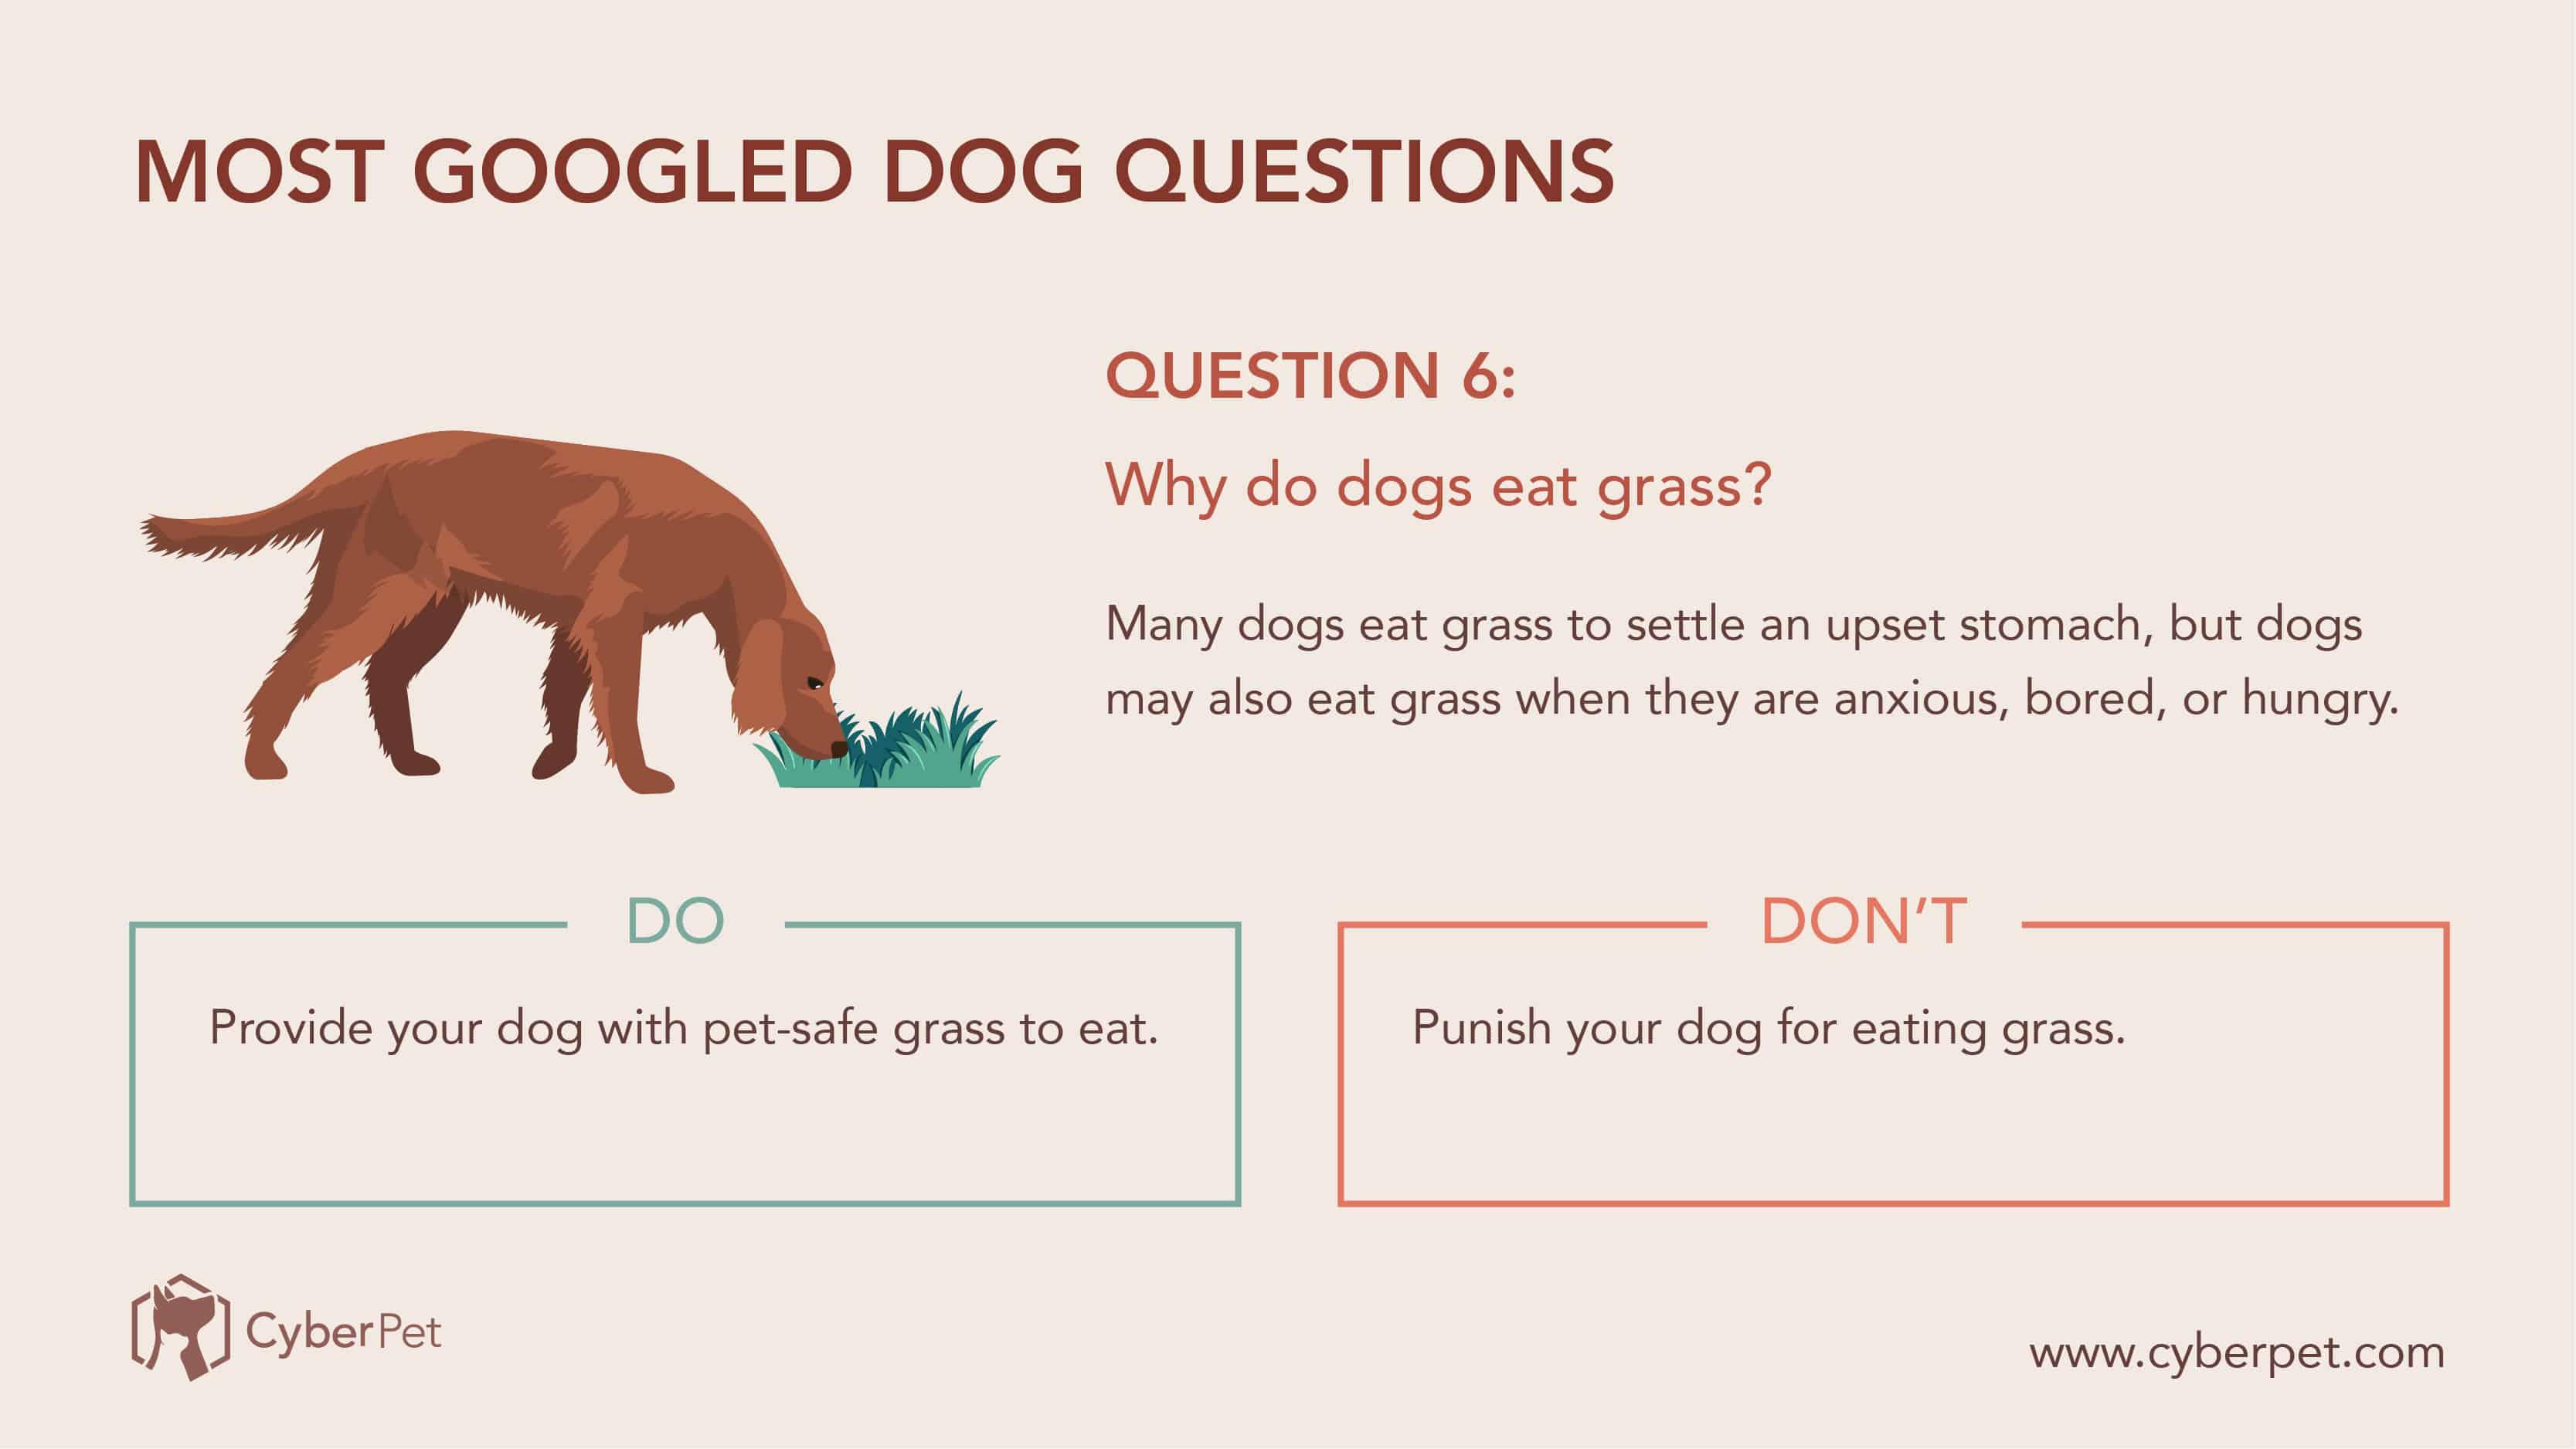 10 Most-Googled Dog Questions - Q6